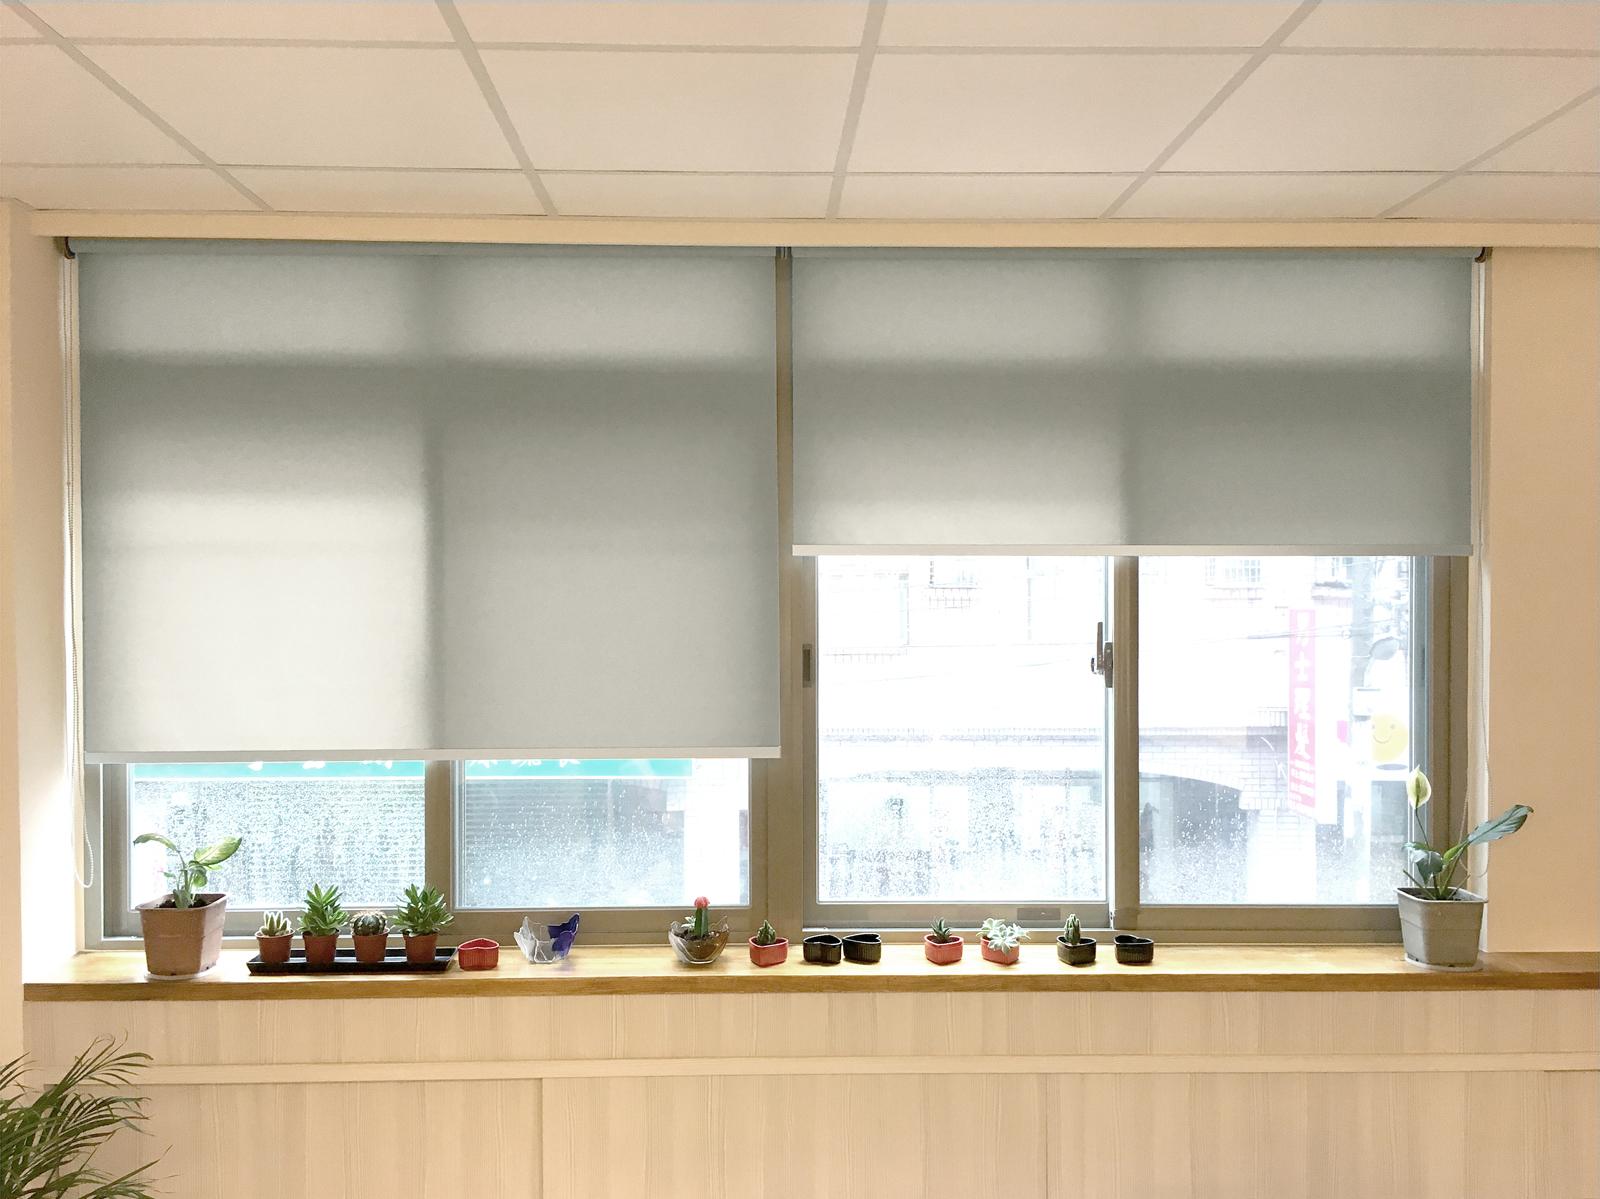 [案例] 明亮又有設計感的辦公室窗簾-PVC半透光捲簾